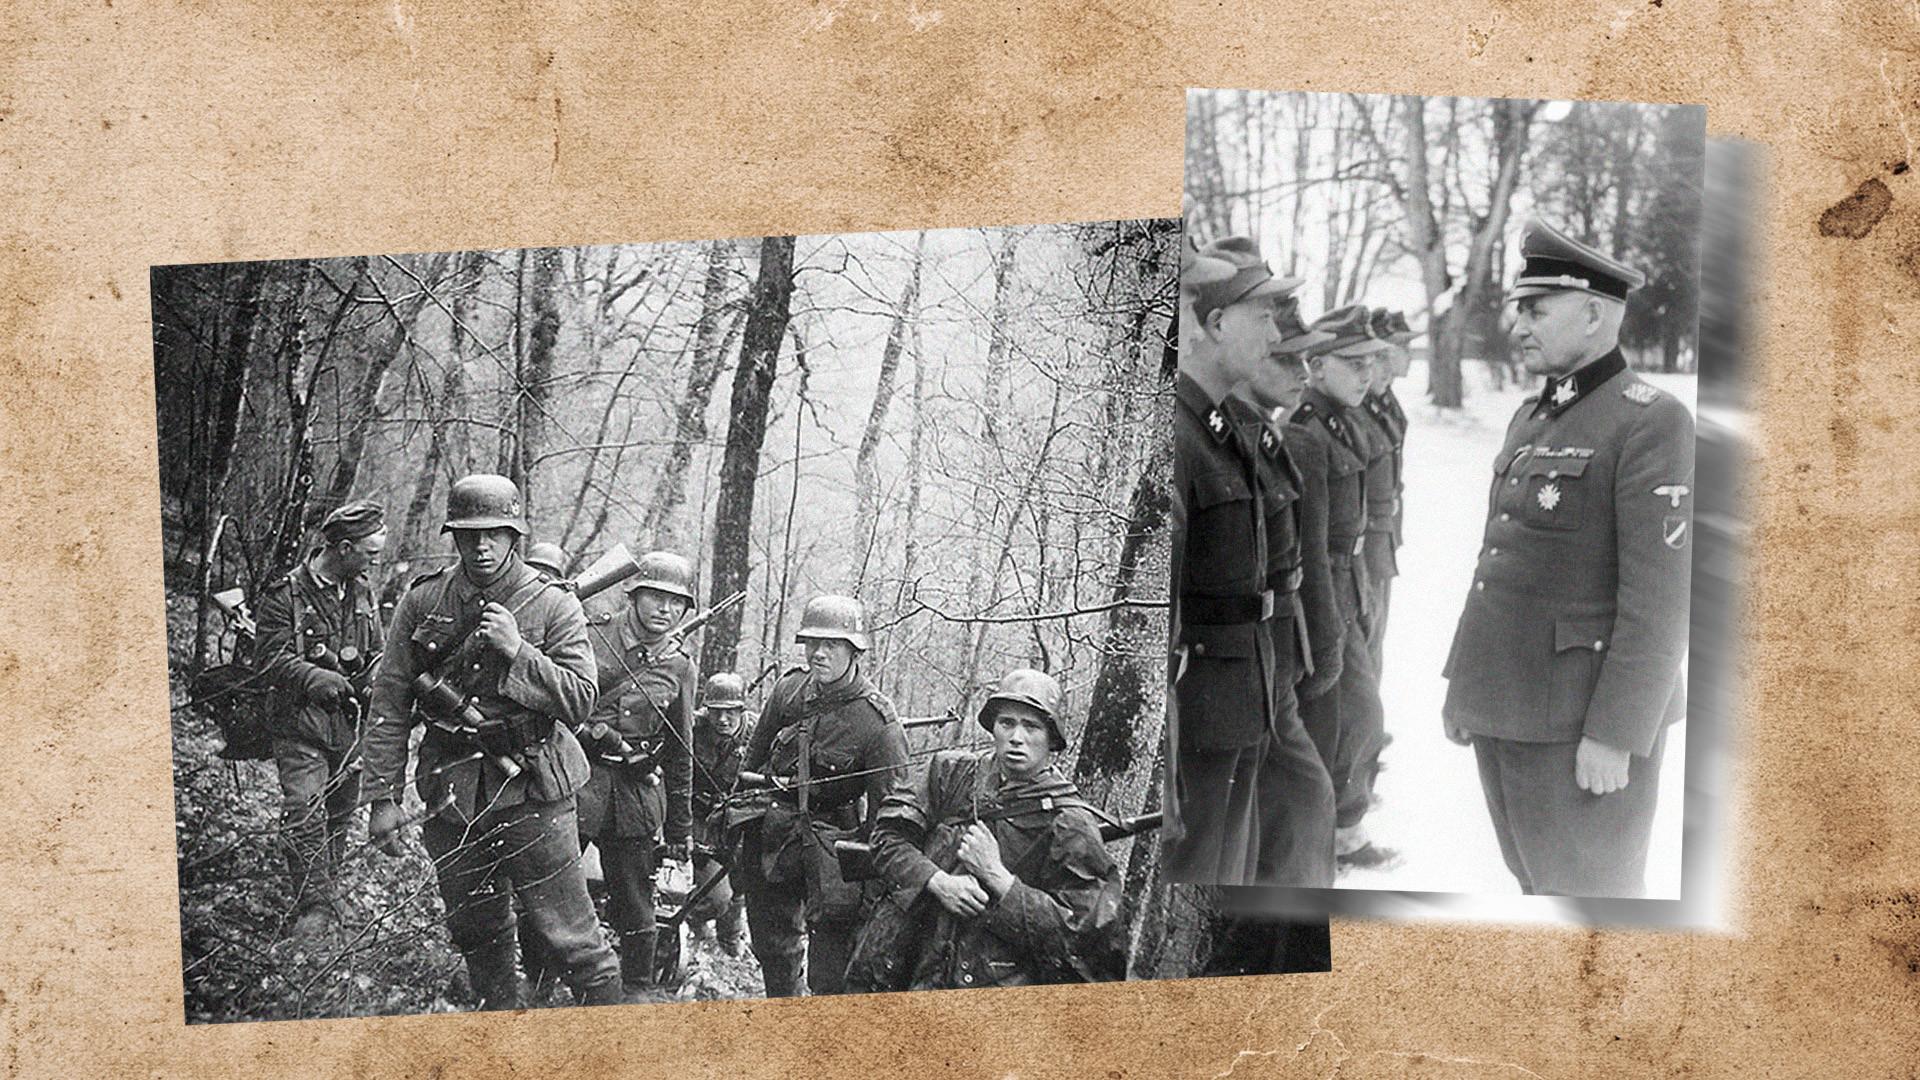 Рудольф Бангерскис и латышские новобранцы СС. Коллаж © L!FE. Фото © Wikimedia Commons